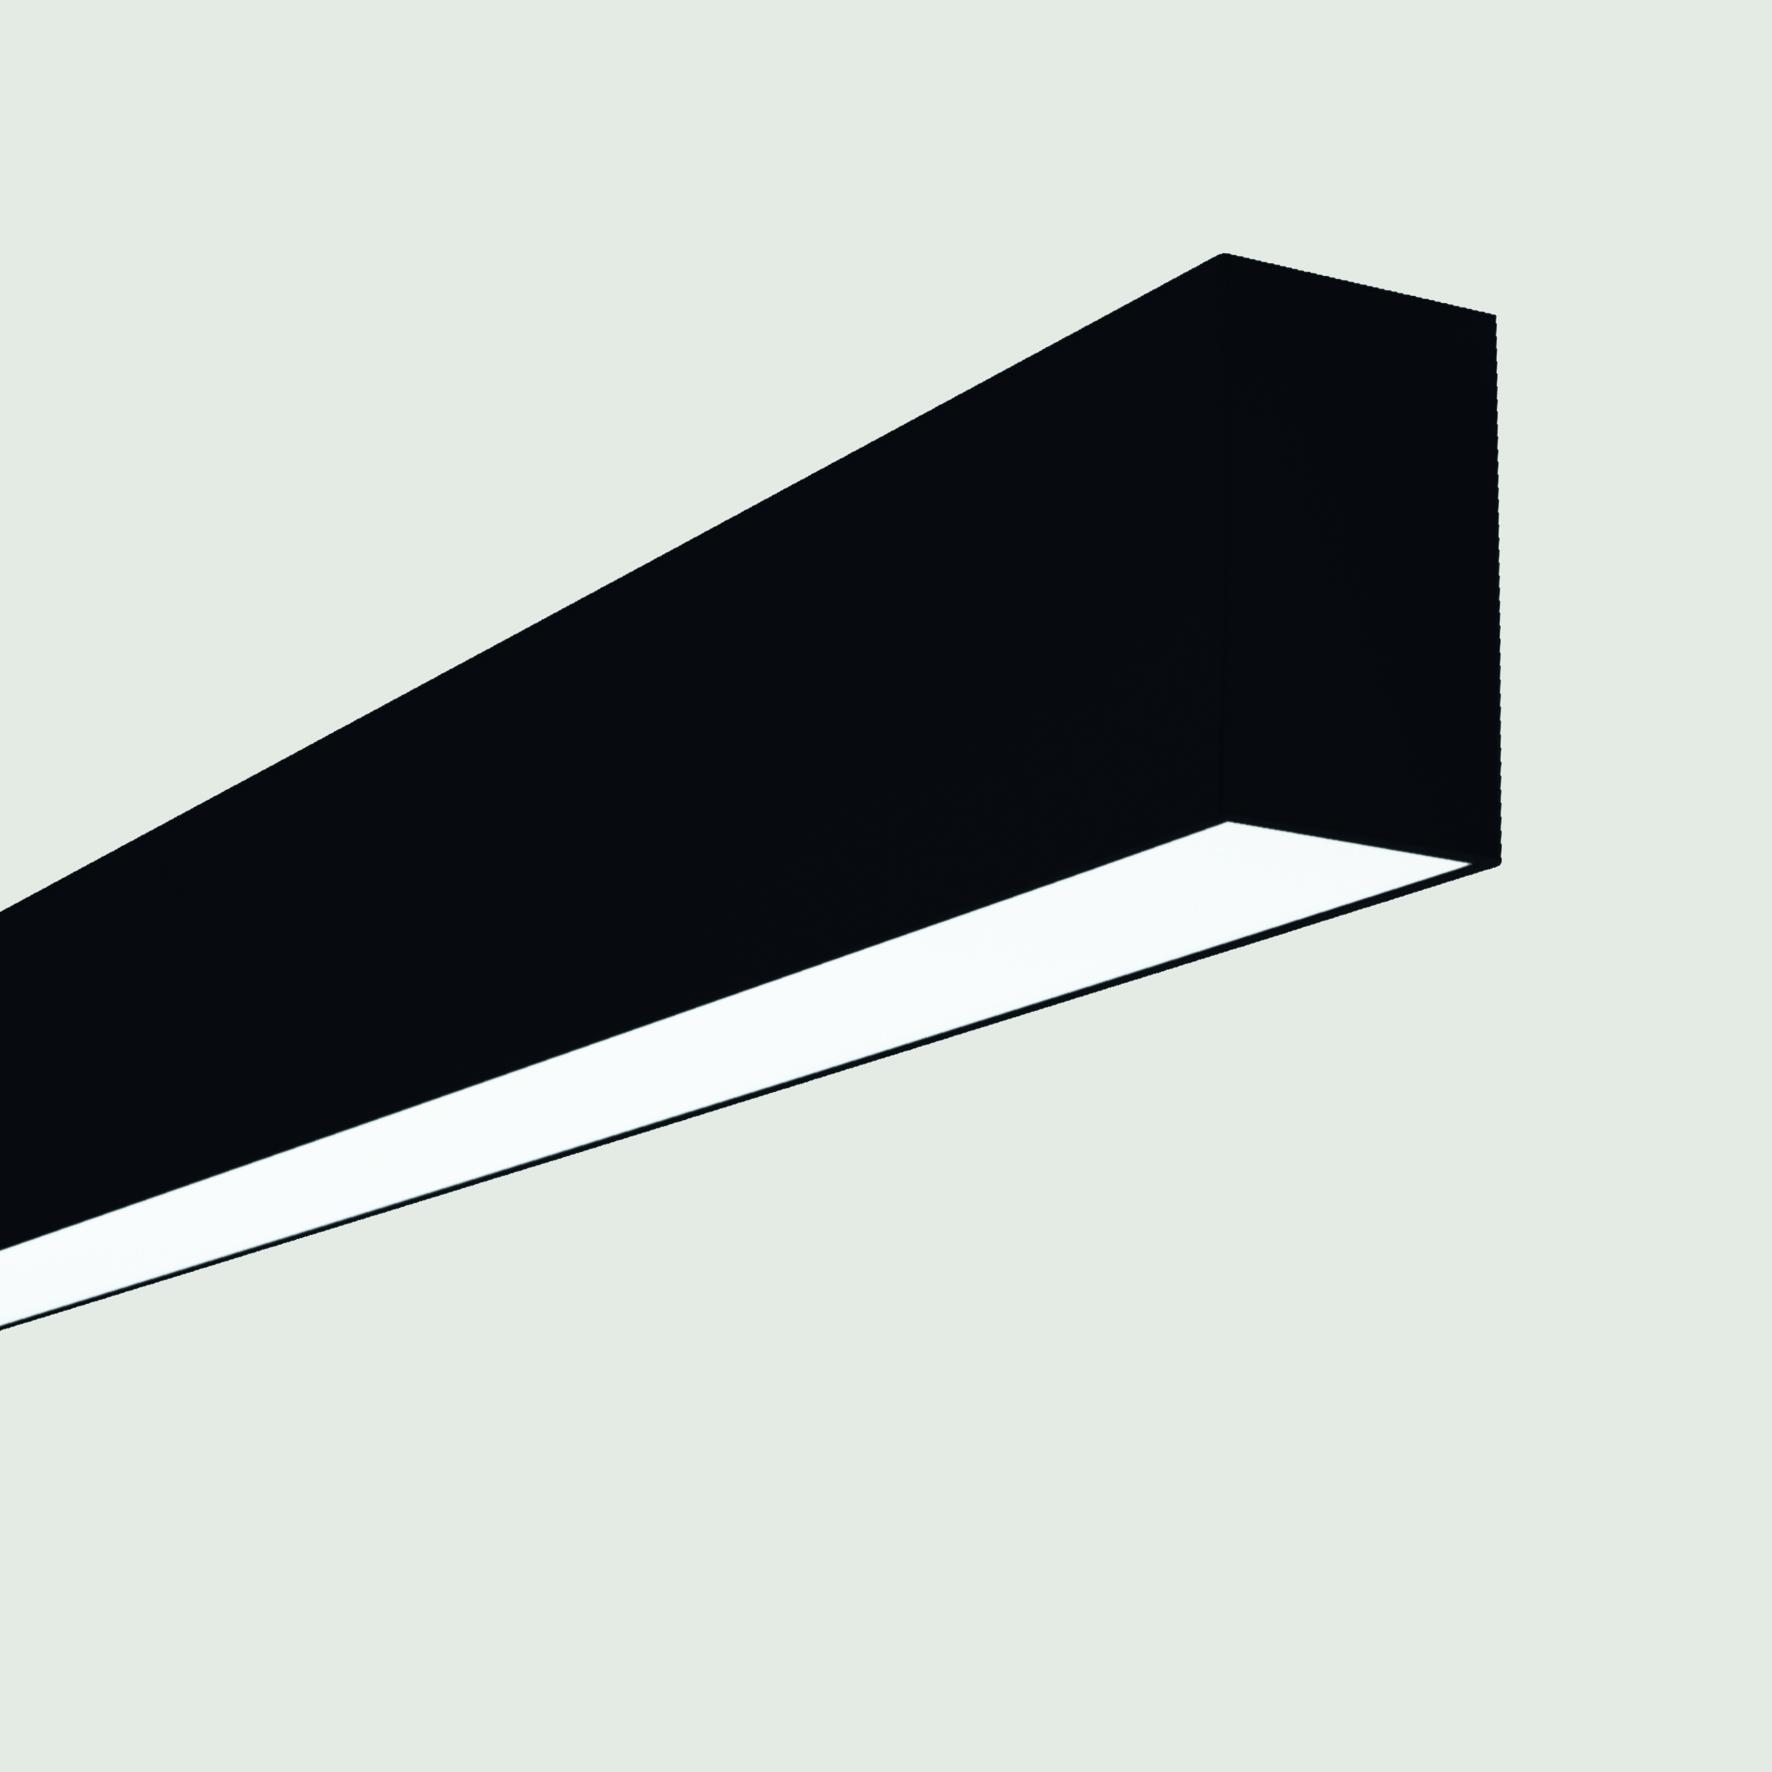 SI60O-profilleuchte-schwarz-sml-led